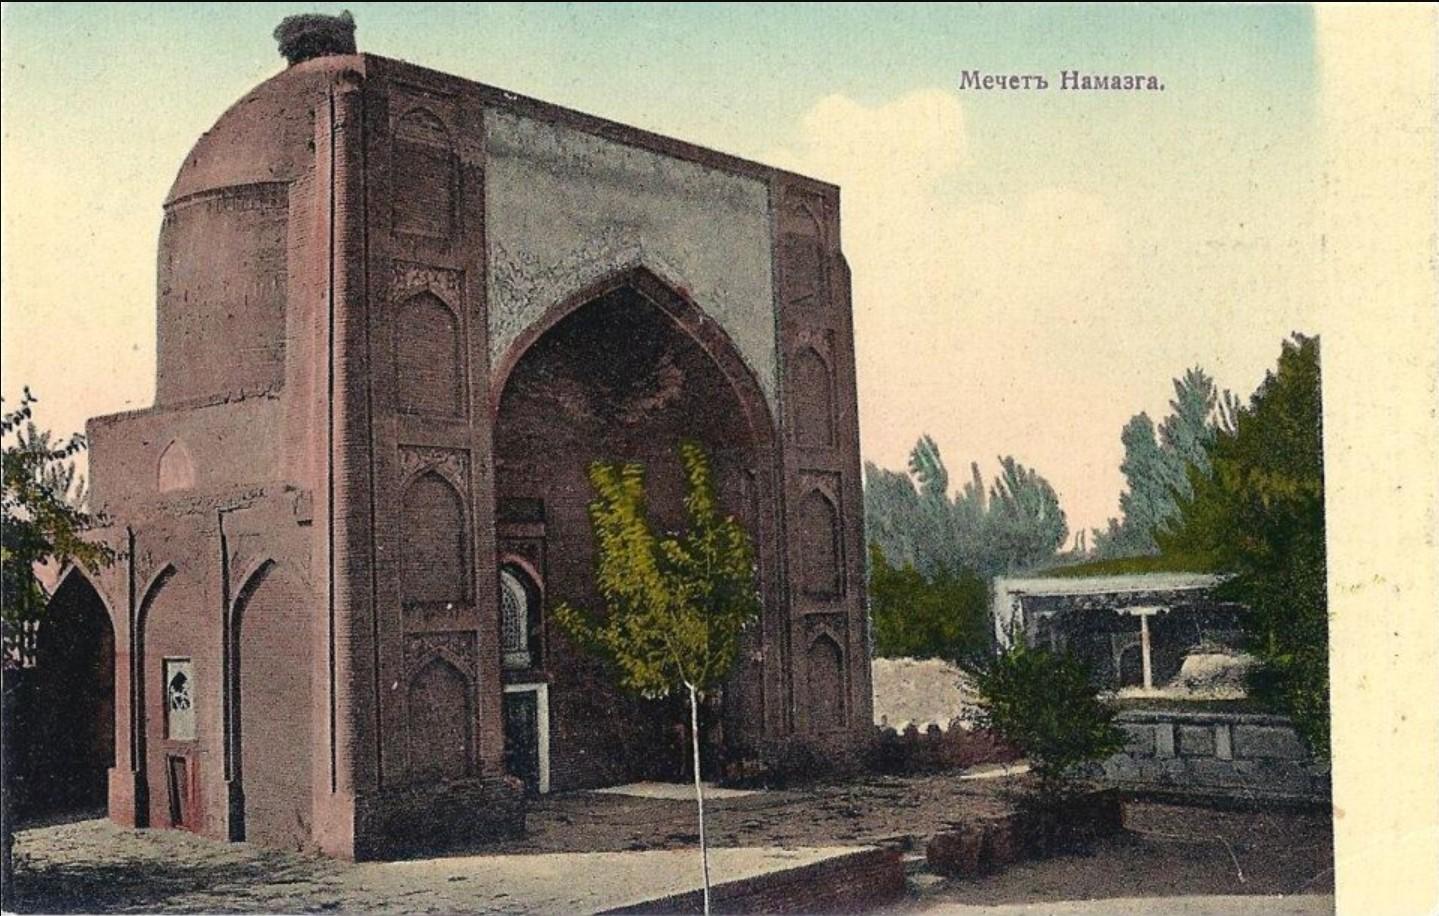 Мечеть Намазга